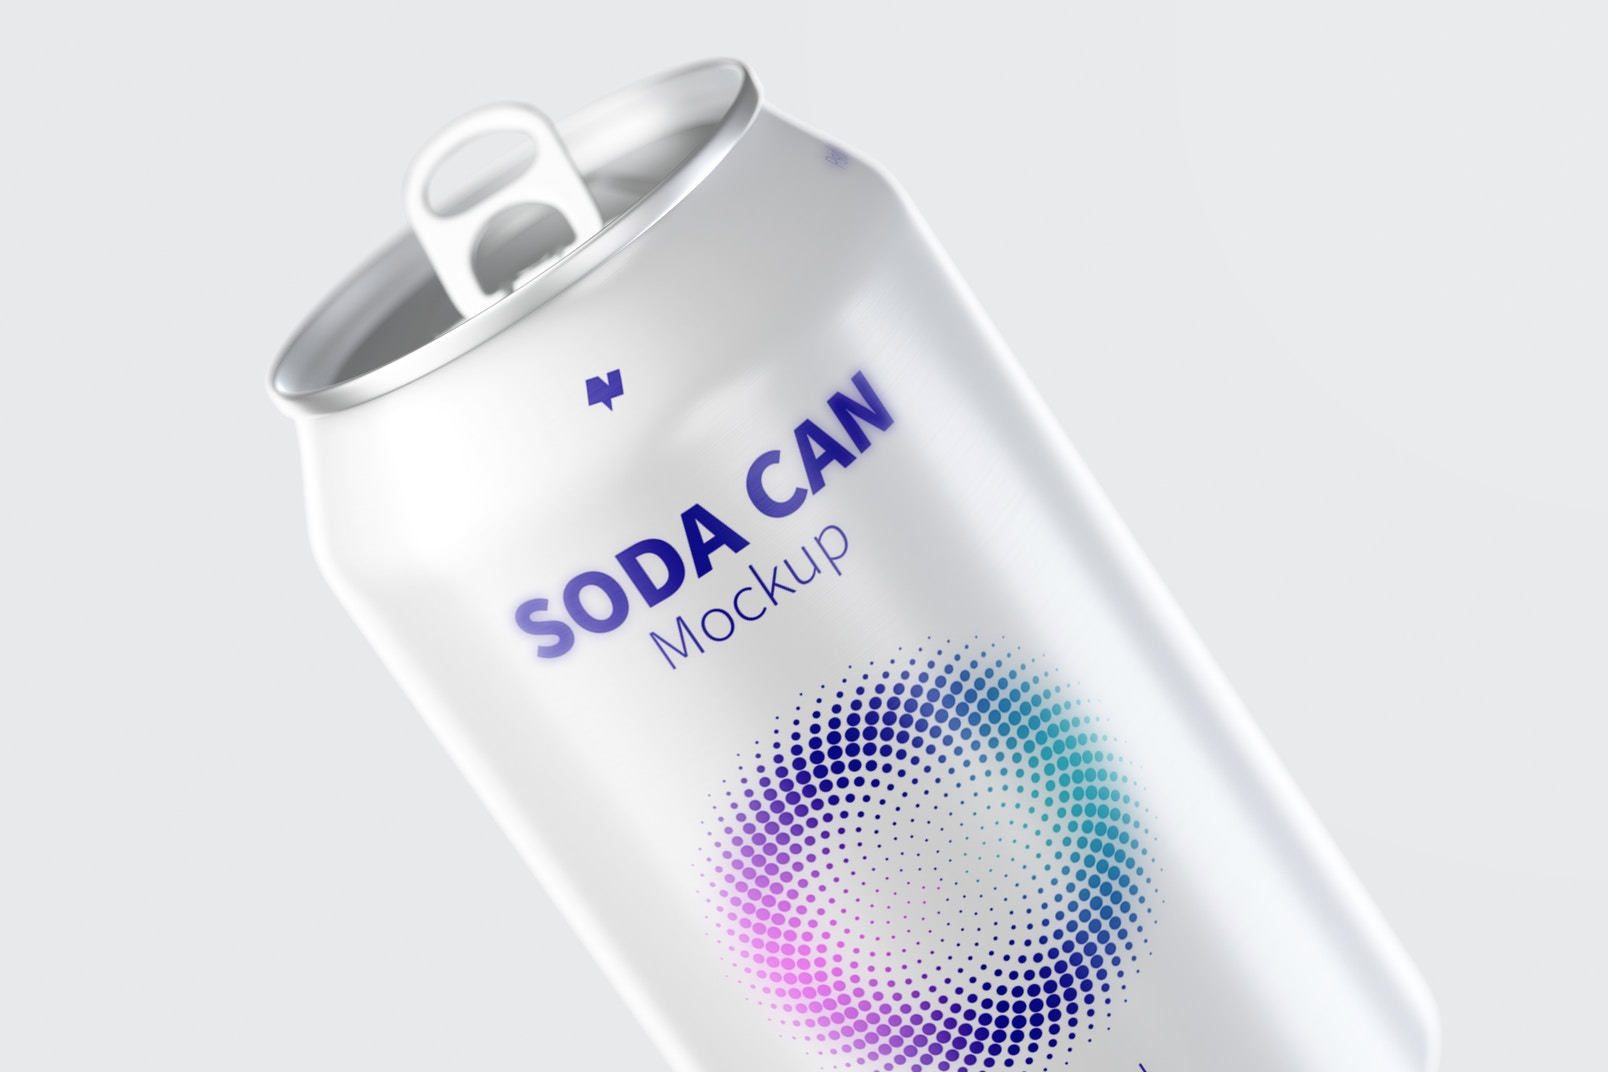 355 ml Soda Can Mockup, Close-Up